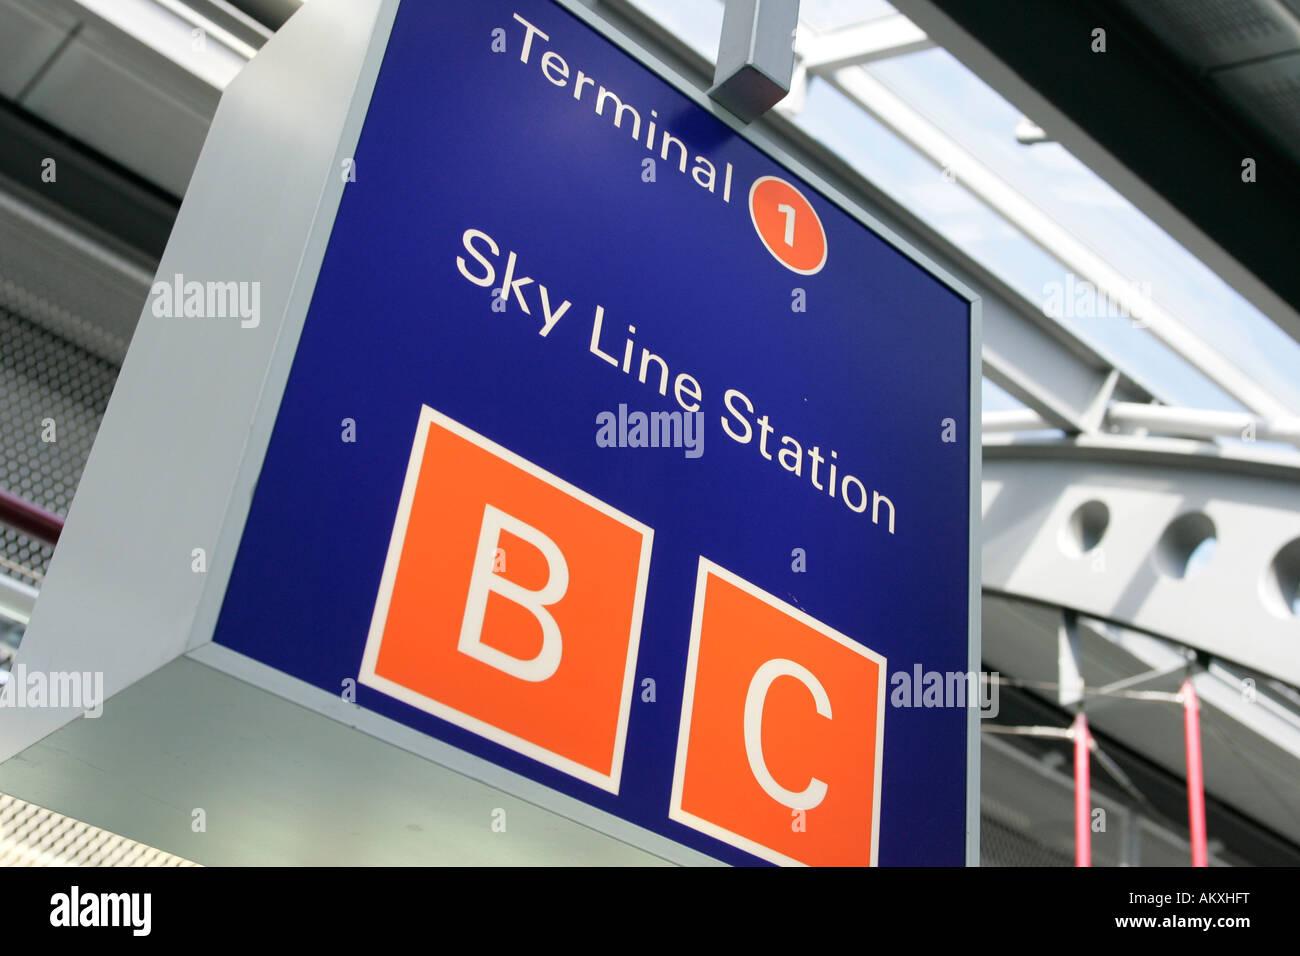 Sign SKY LINE STATION Frankfurter Flughafen, Frankfurt, Hesse, Germany. - Stock Image